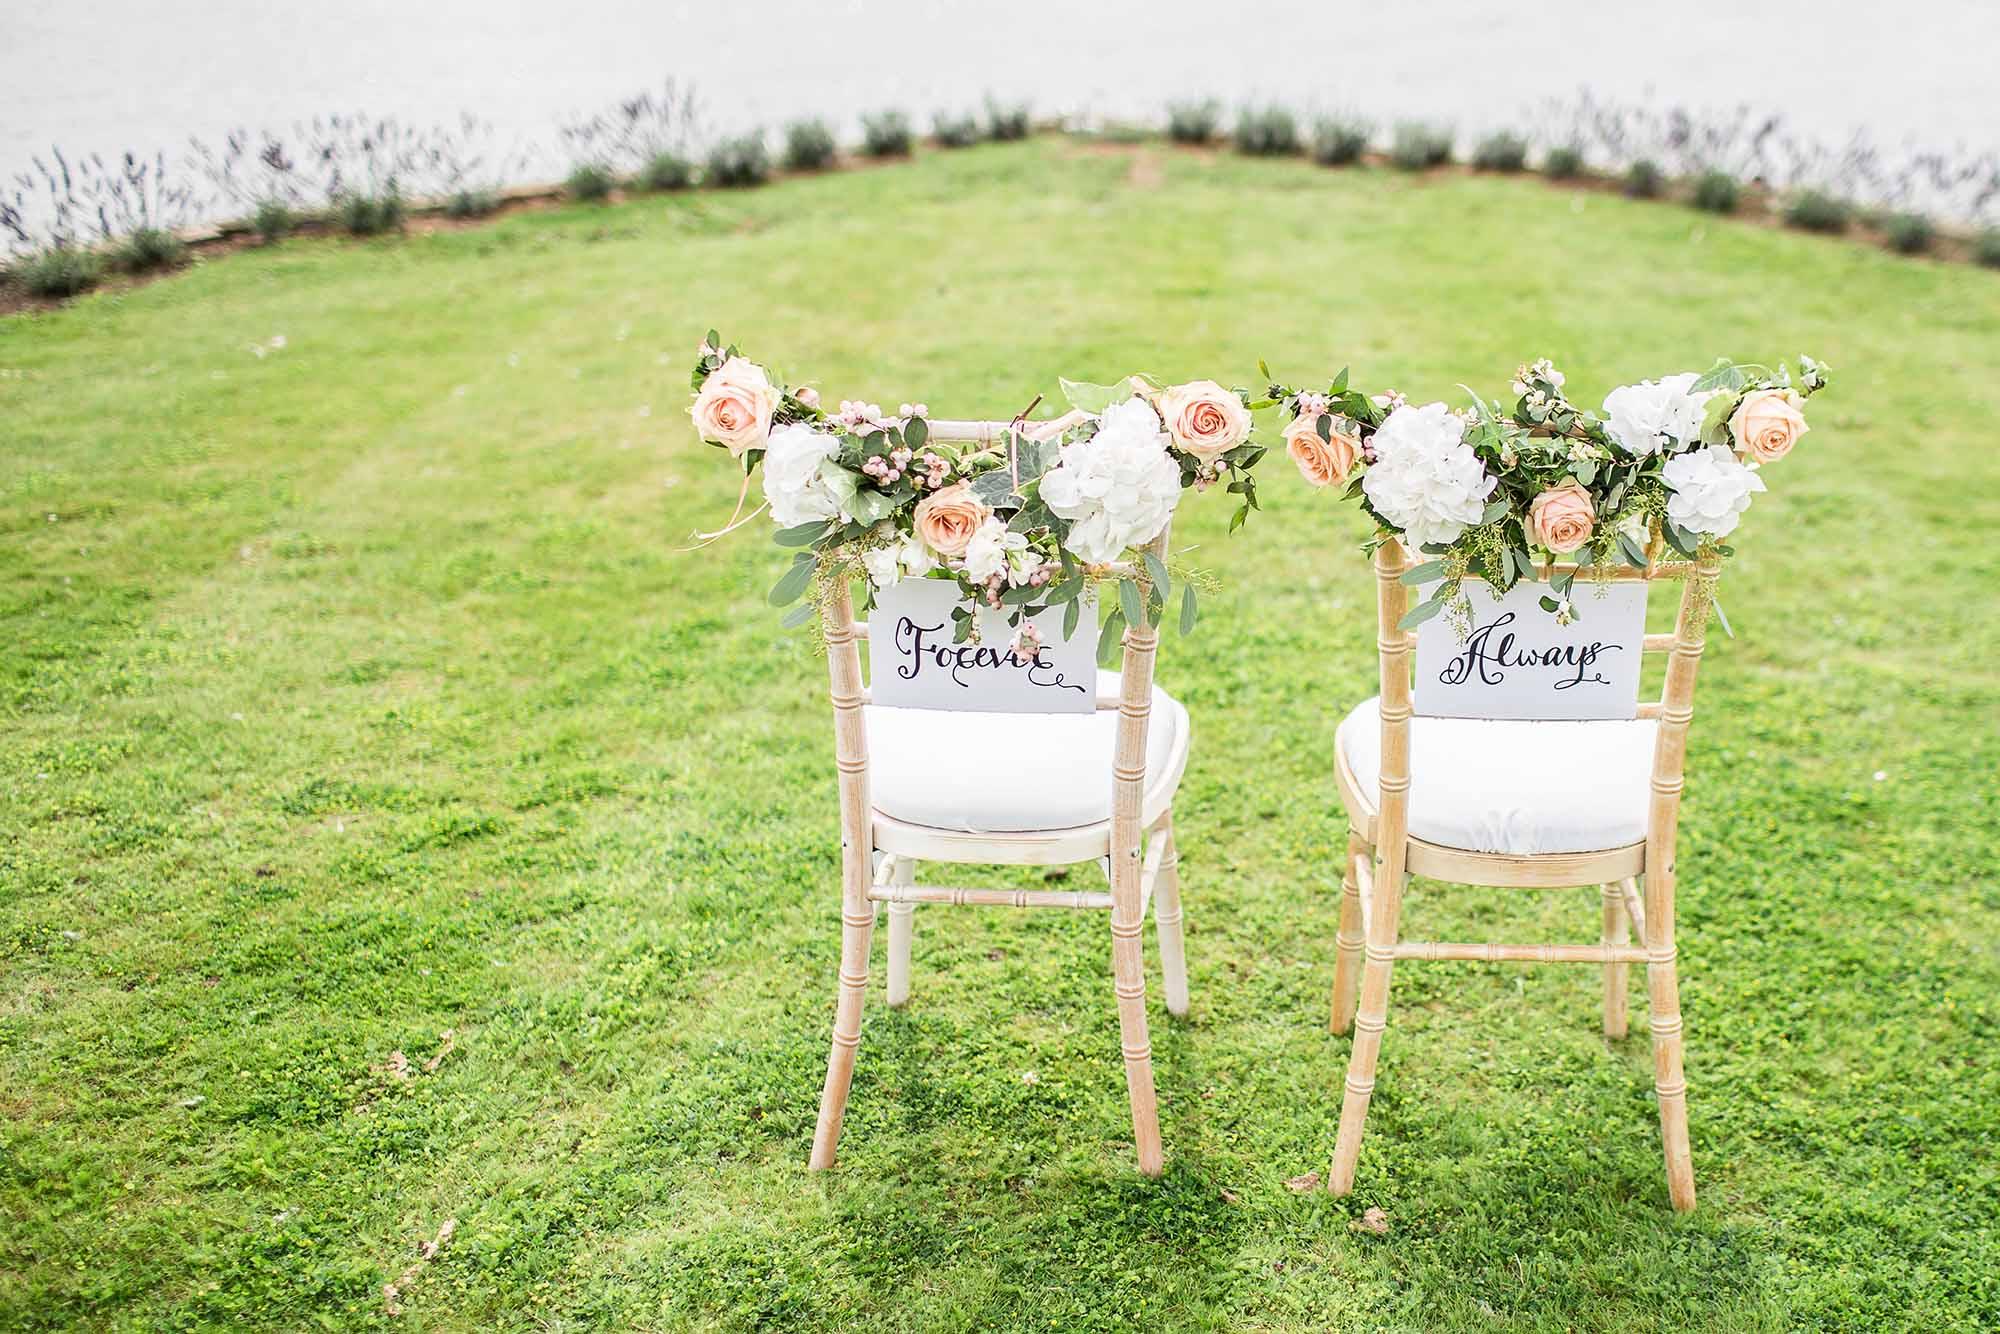 Eventass | Hochzeitsdekoration & Möbel